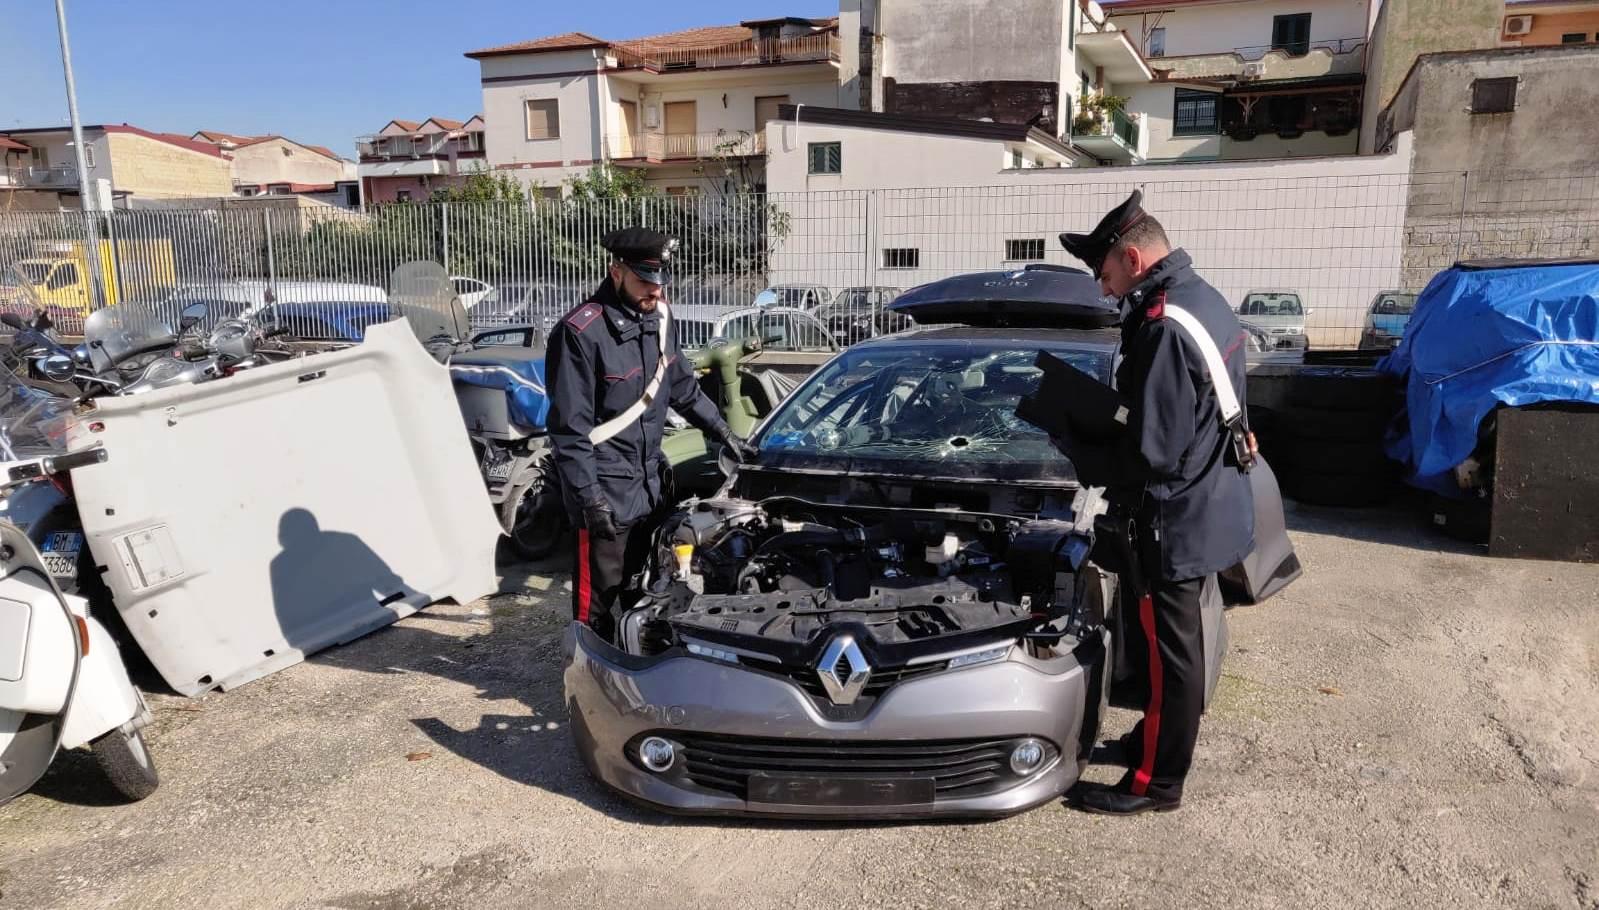 Casandrino. Tre uomini stavano smontando una vettura rubata: arrestati dai carabinieri